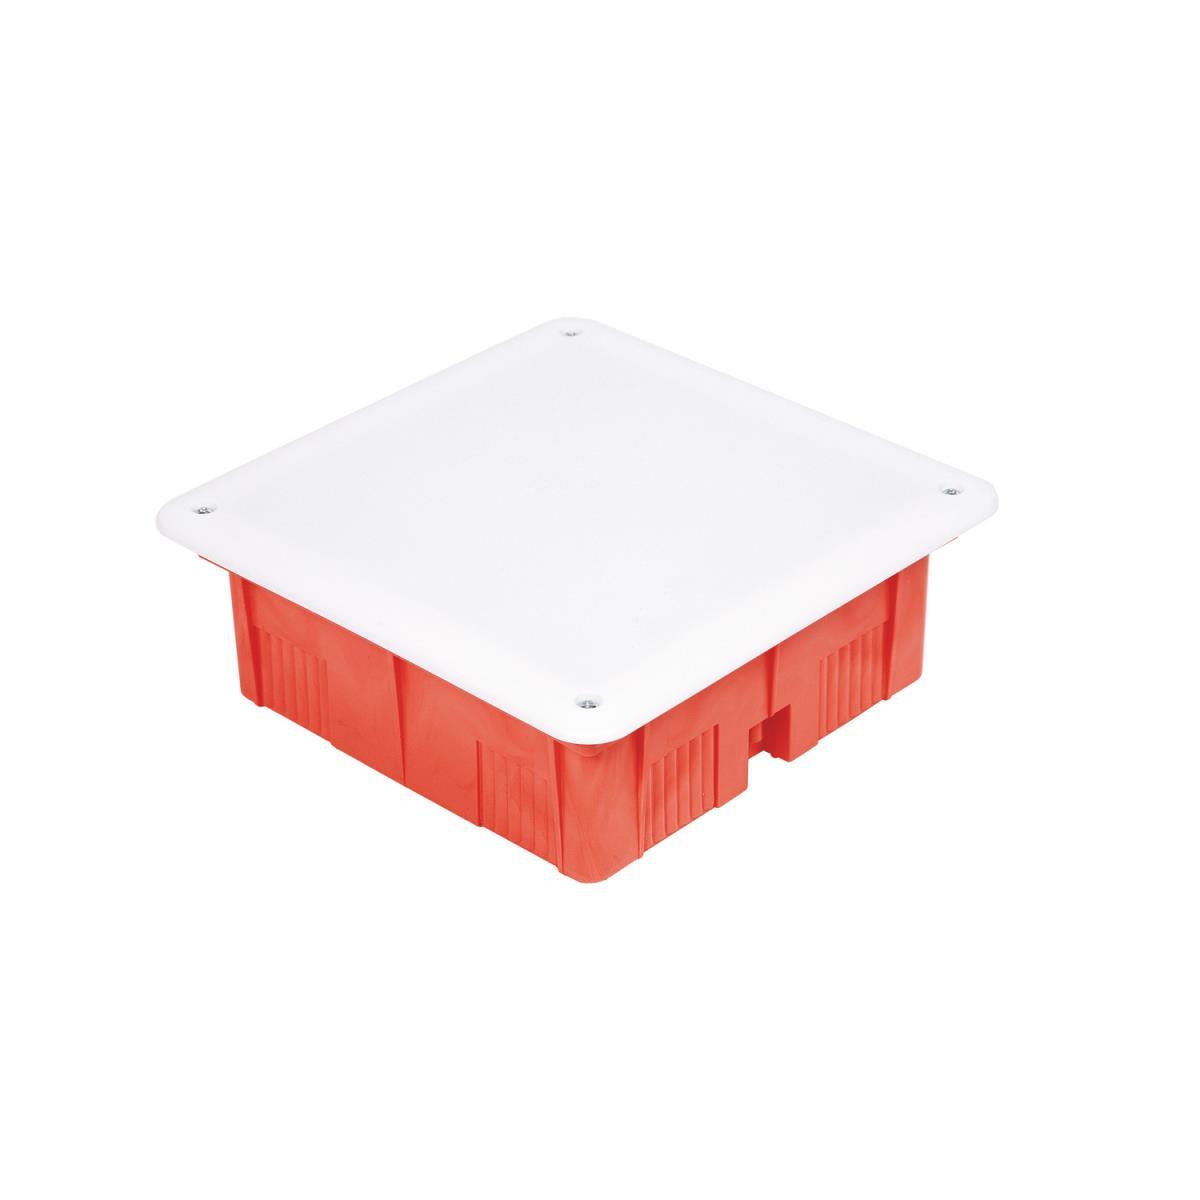 unterputz abzweigkasten 185x185x75 abzweigdose up geh use mit wei em deckel. Black Bedroom Furniture Sets. Home Design Ideas